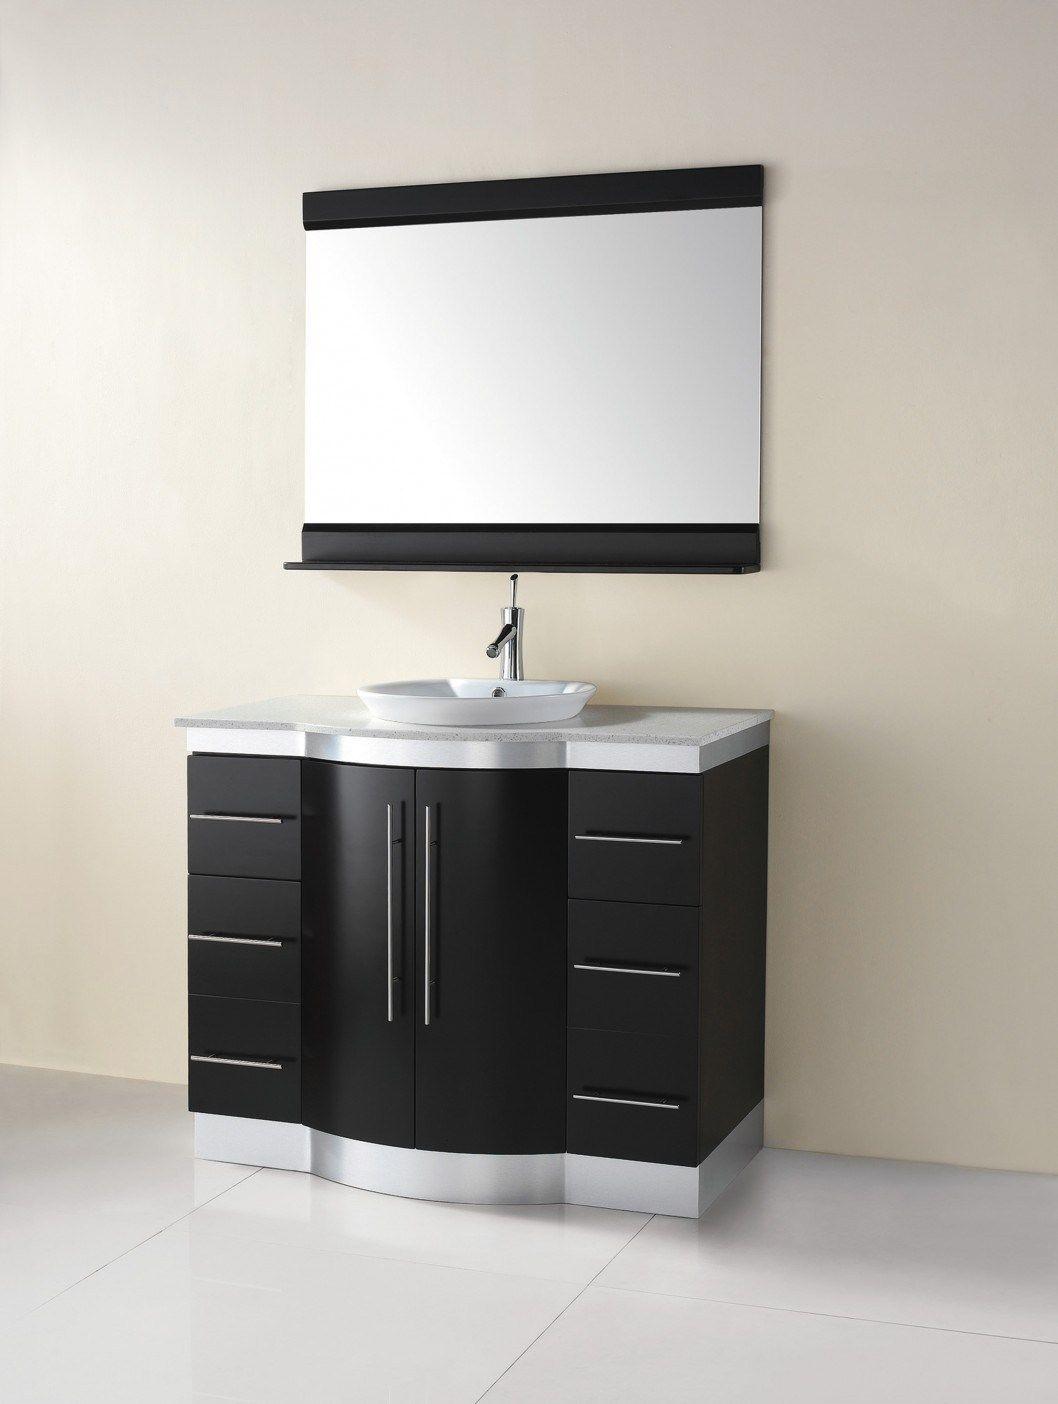 ofbathroom bathroom design tool interior design home house